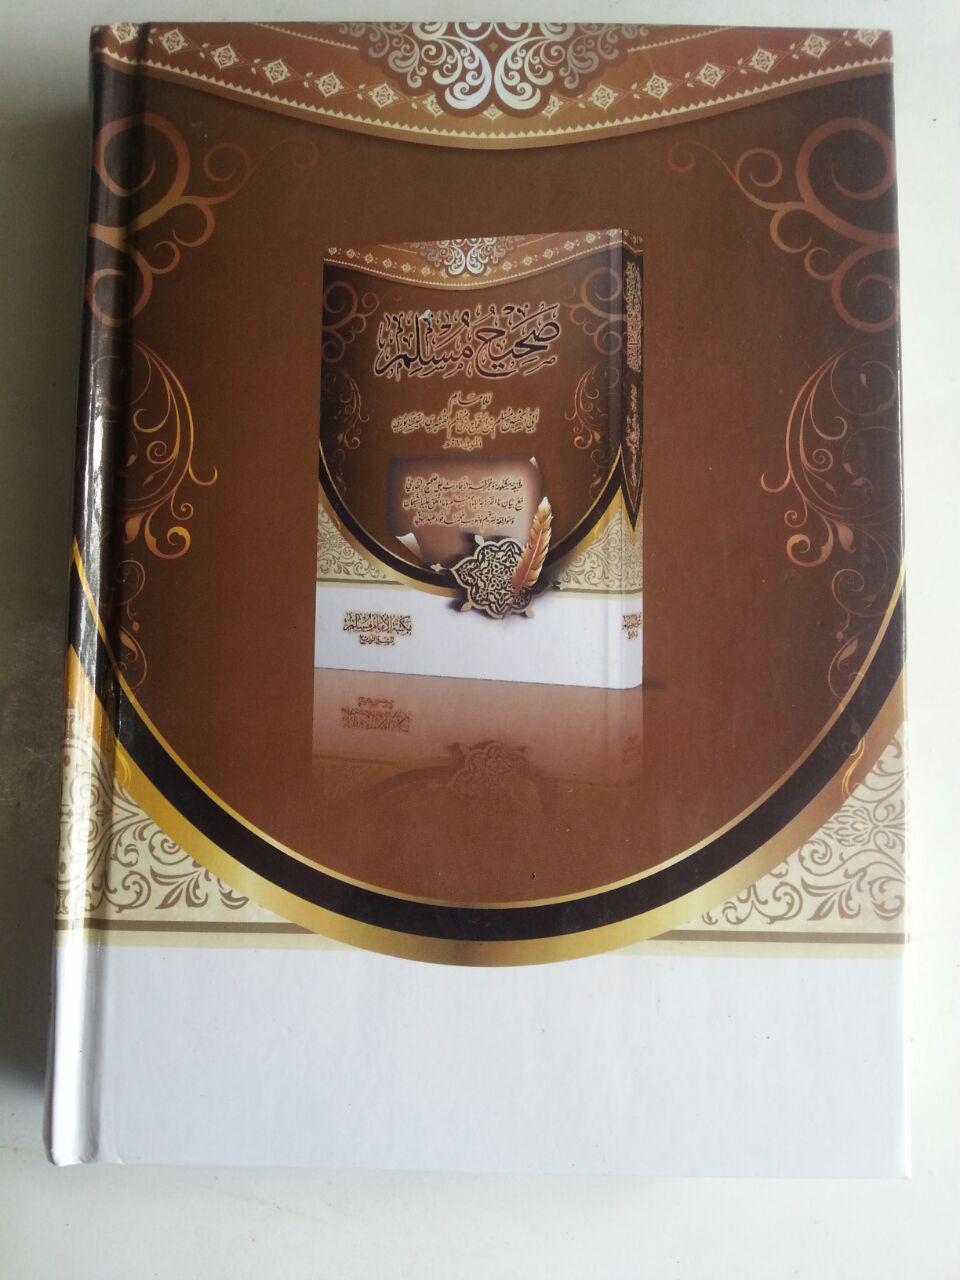 Kitab Shahih Muslim cover 2